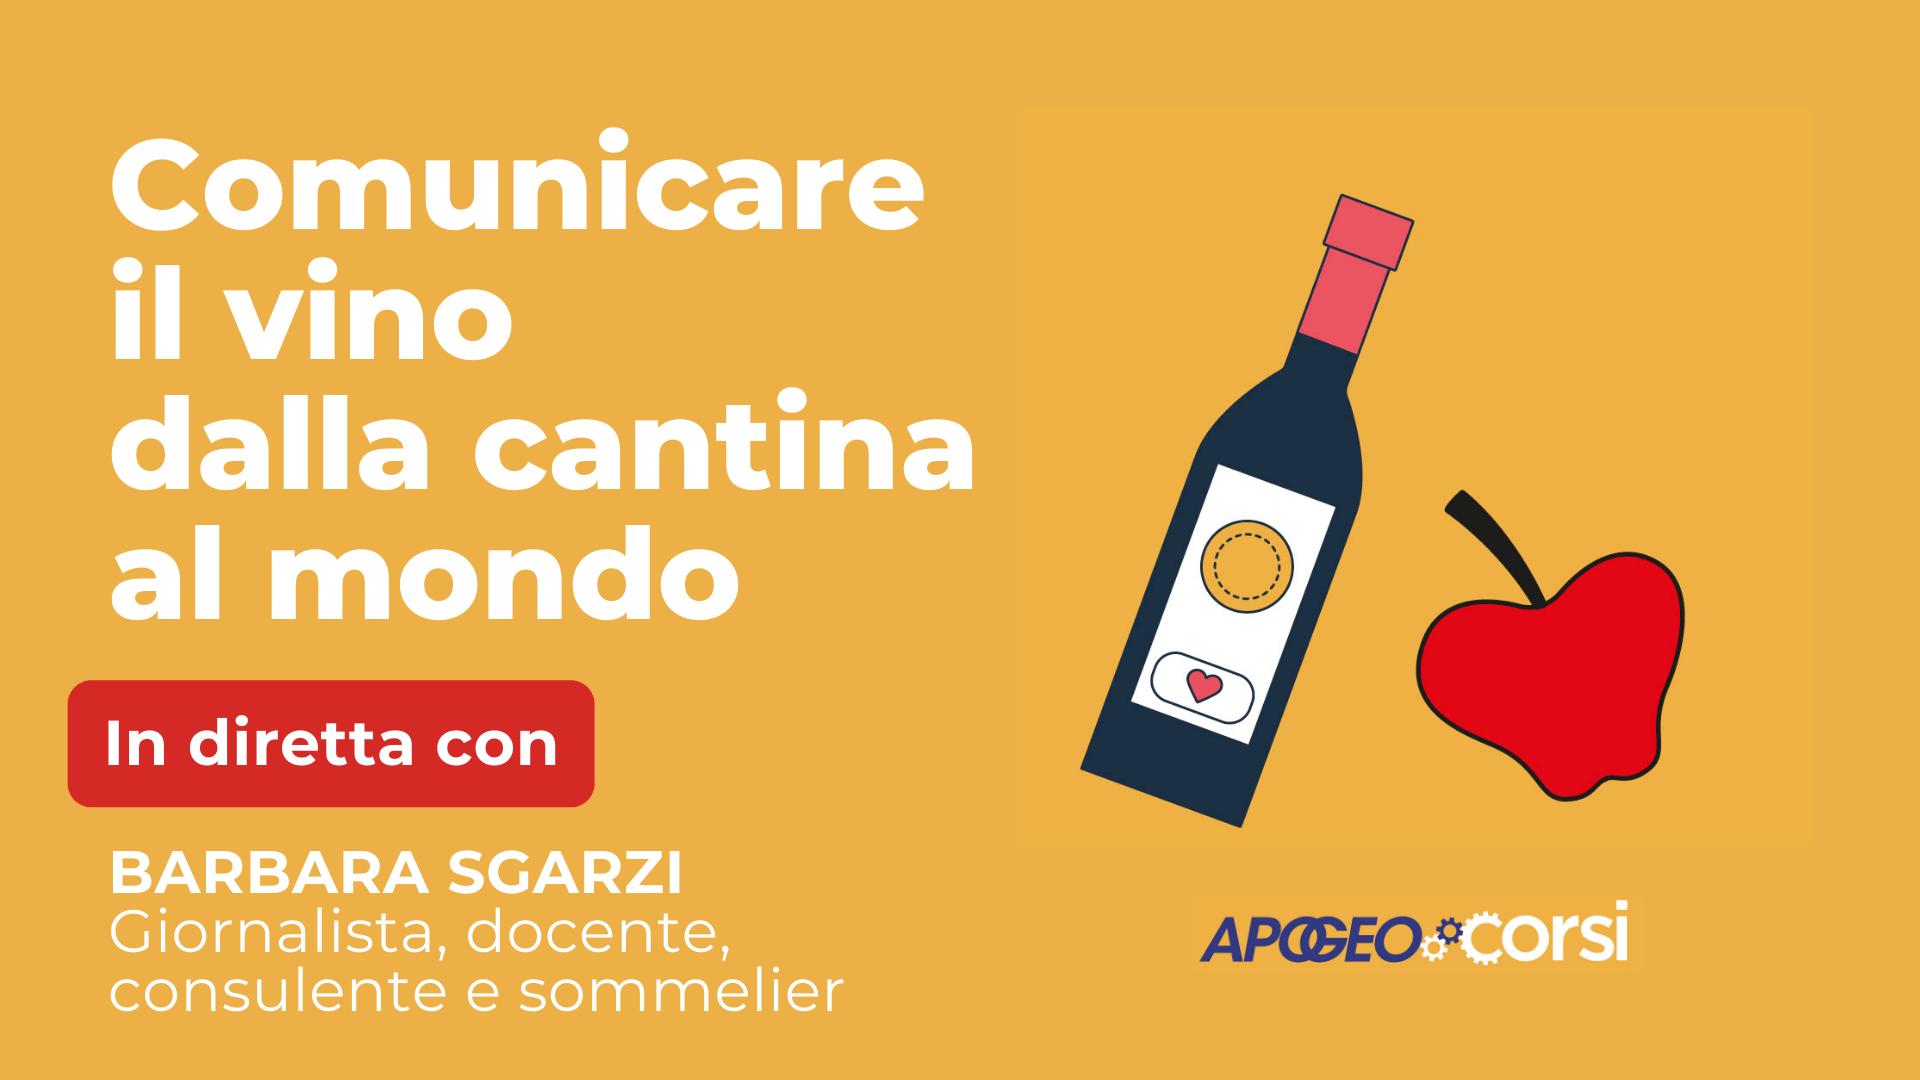 Comunicare il vino dalla cantina al mondo, con Barbara Sgarzi